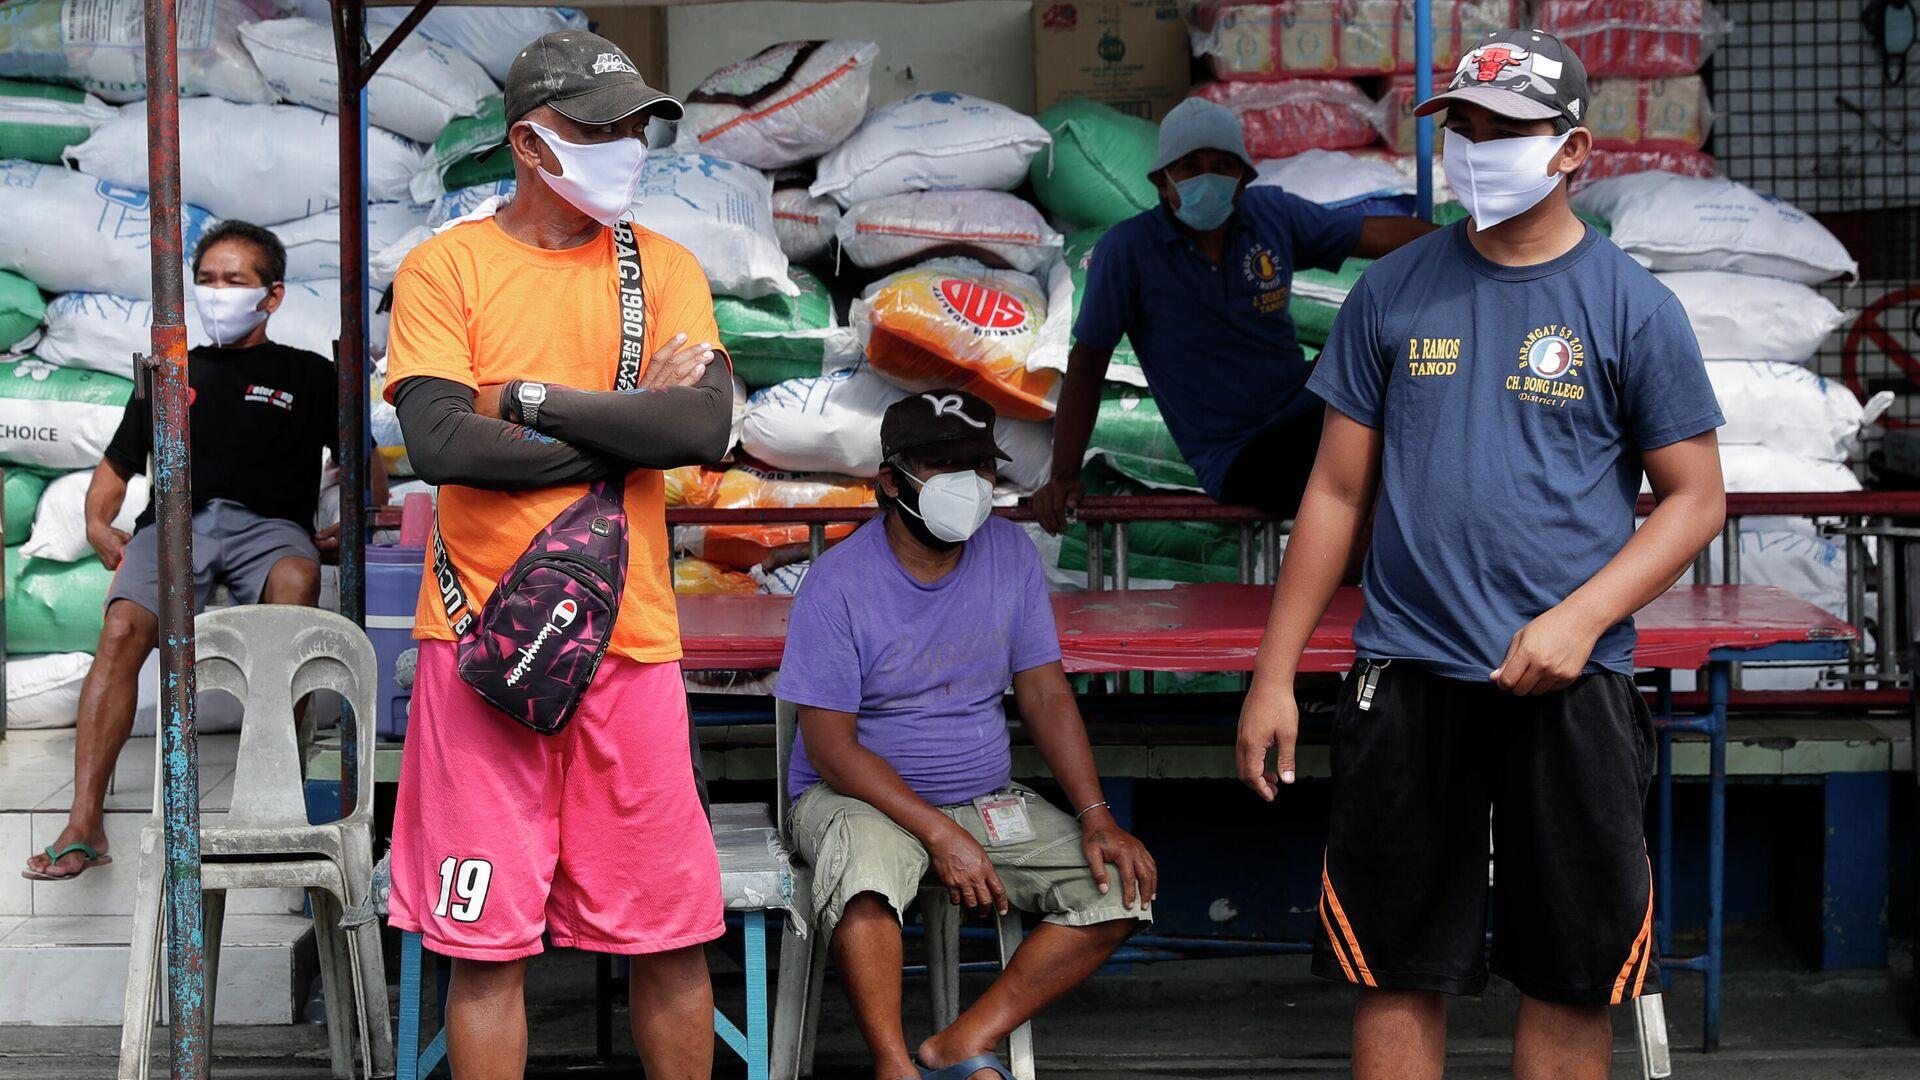 Местные жители в защитных масках на улице Манилы, Филиппины - РИА Новости, 1920, 01.01.2021